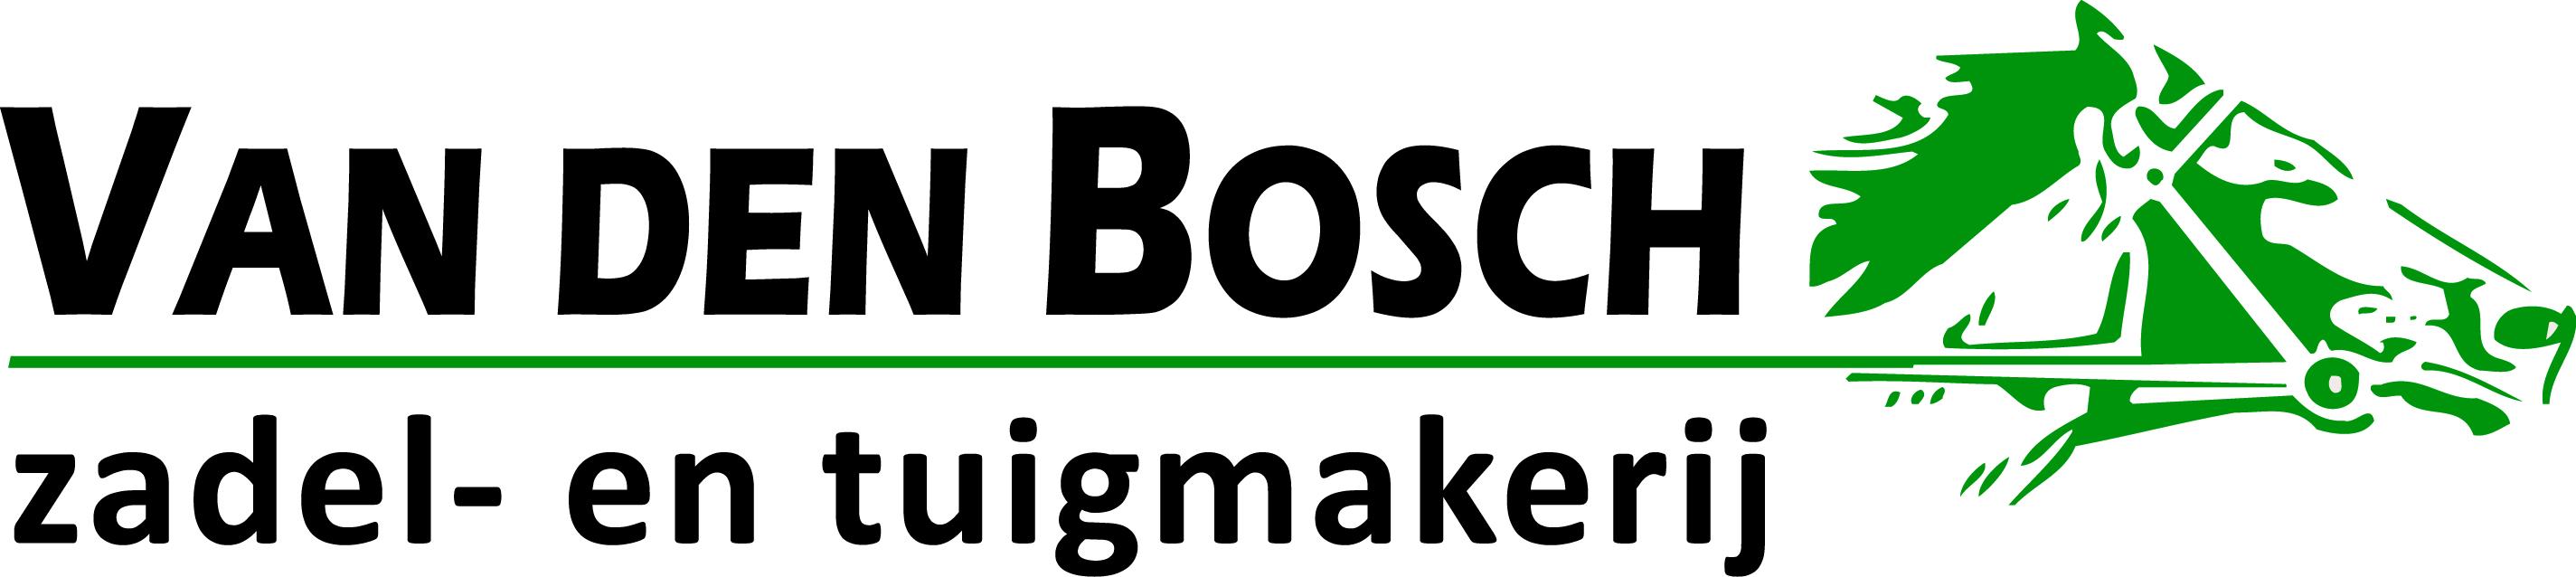 Logo van den Bosch